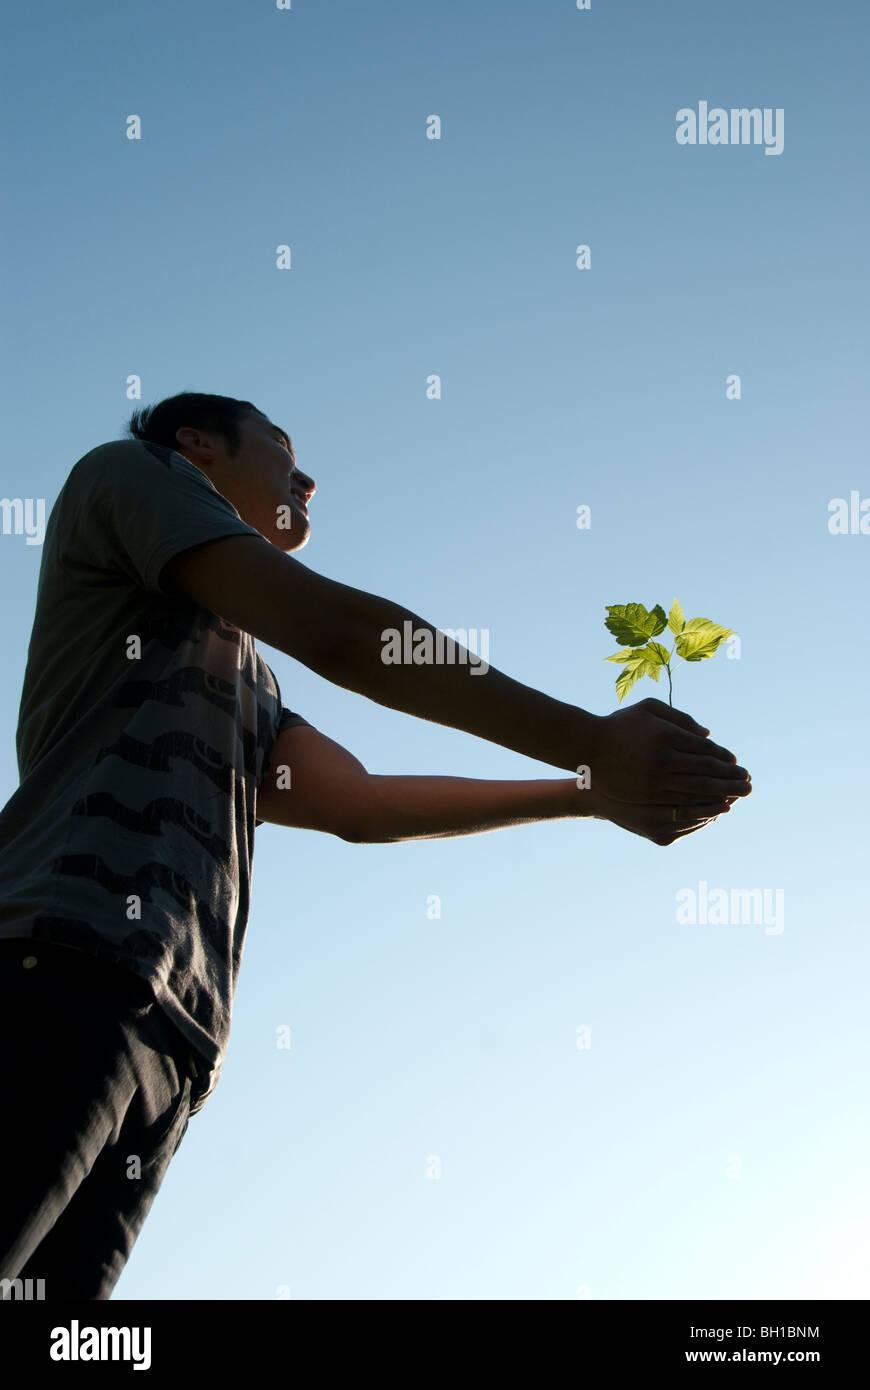 Giovane Azienda piantina con le braccia tese, Assiniboine Park, Winnipeg, Manitoba, Canada Immagini Stock